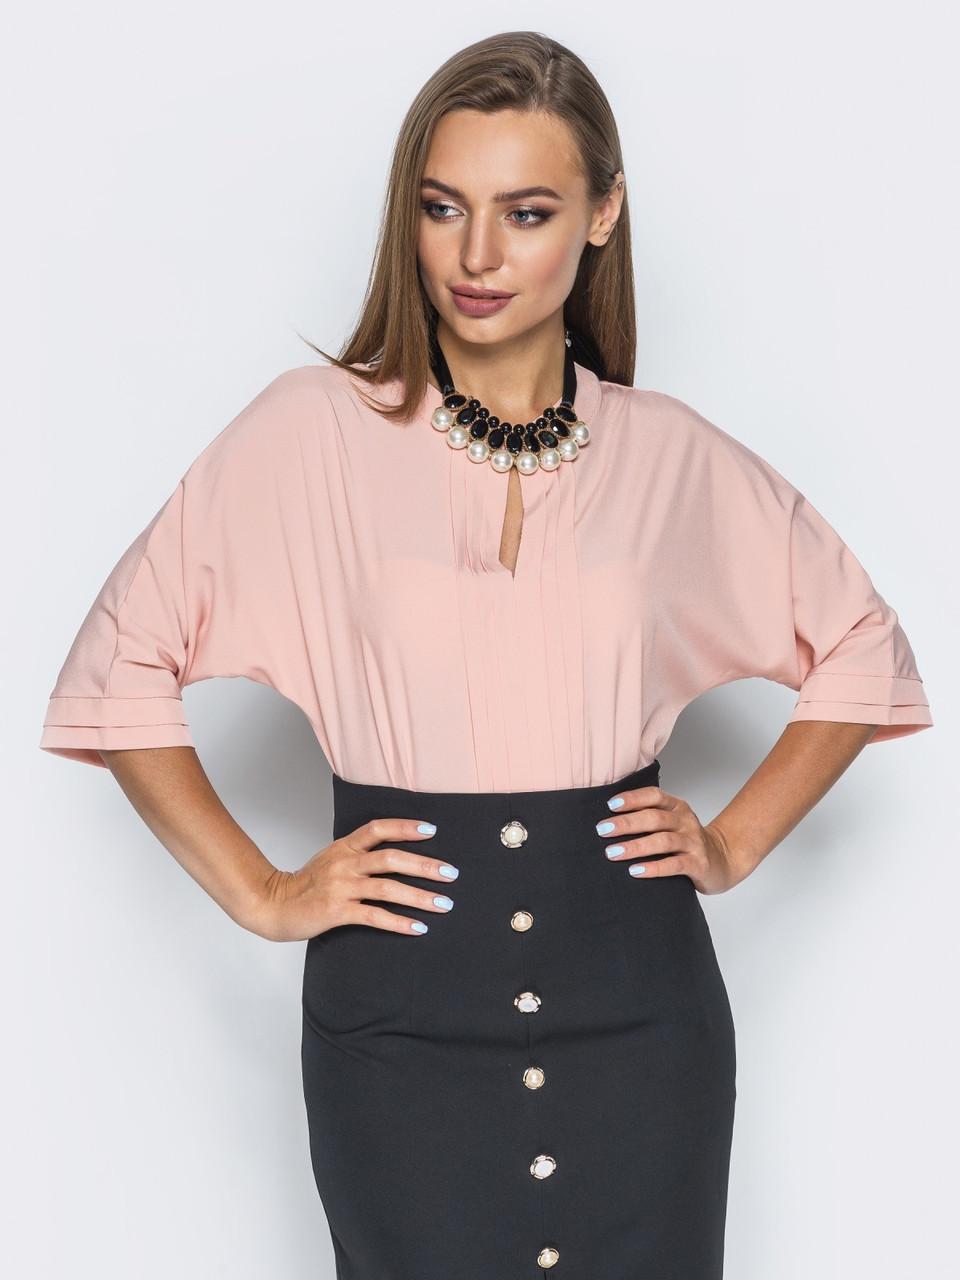 Офисная блузка с V-образным вырезом и вертикальной декоративной плиссировкой